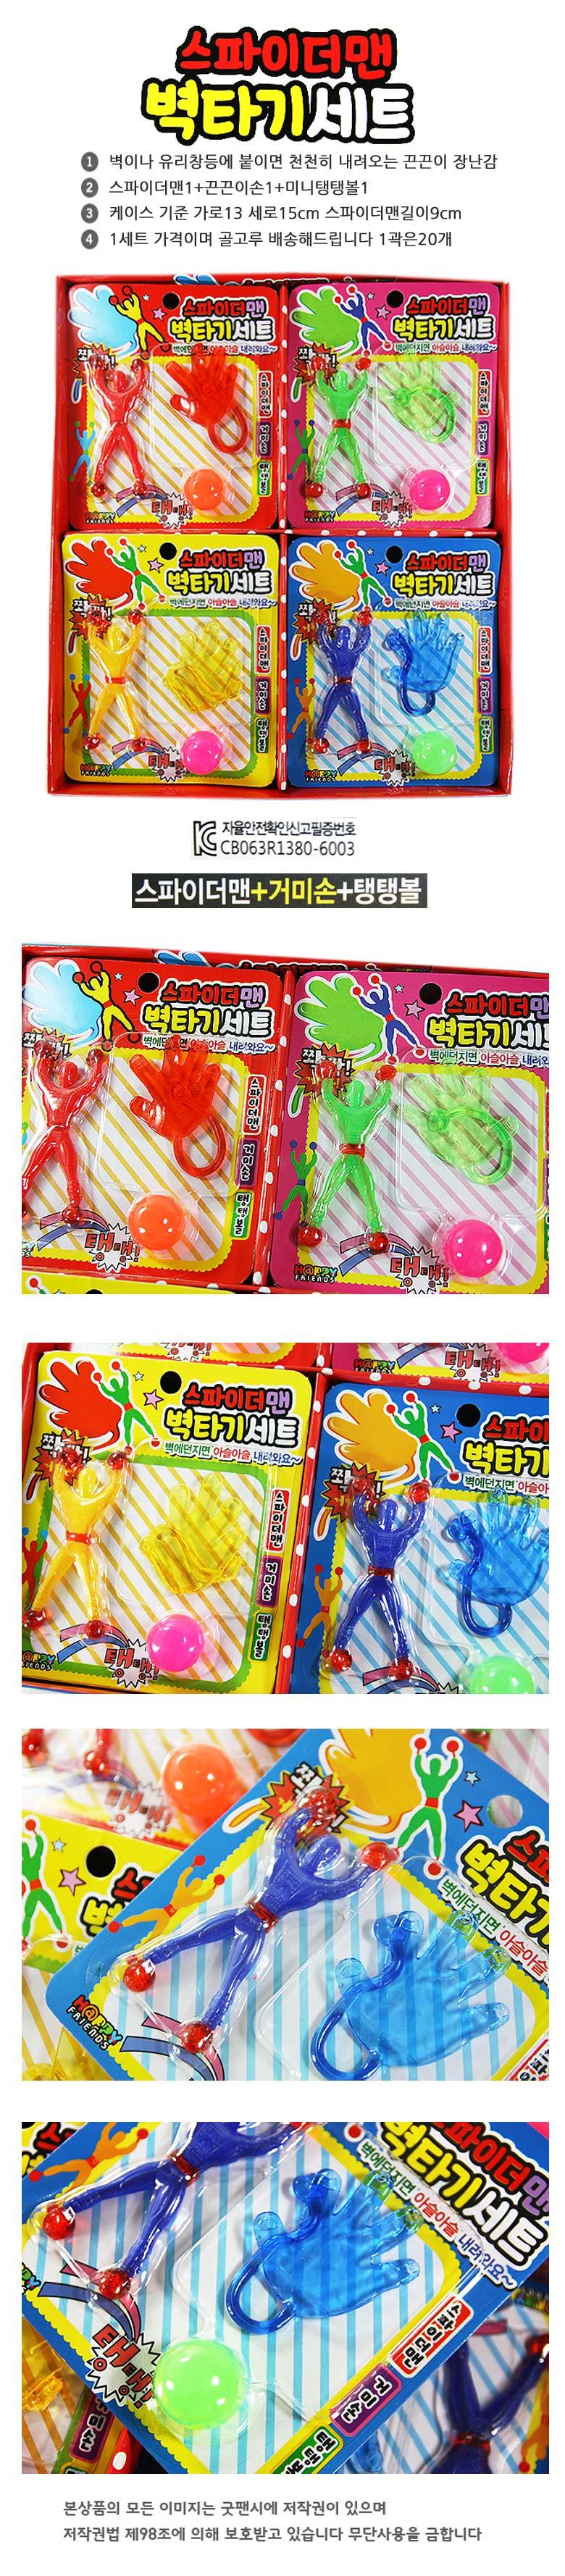 스파이더맨 벽타기 - 굿팬시, 1,000원, 아이디어 상품, 아이디어 상품